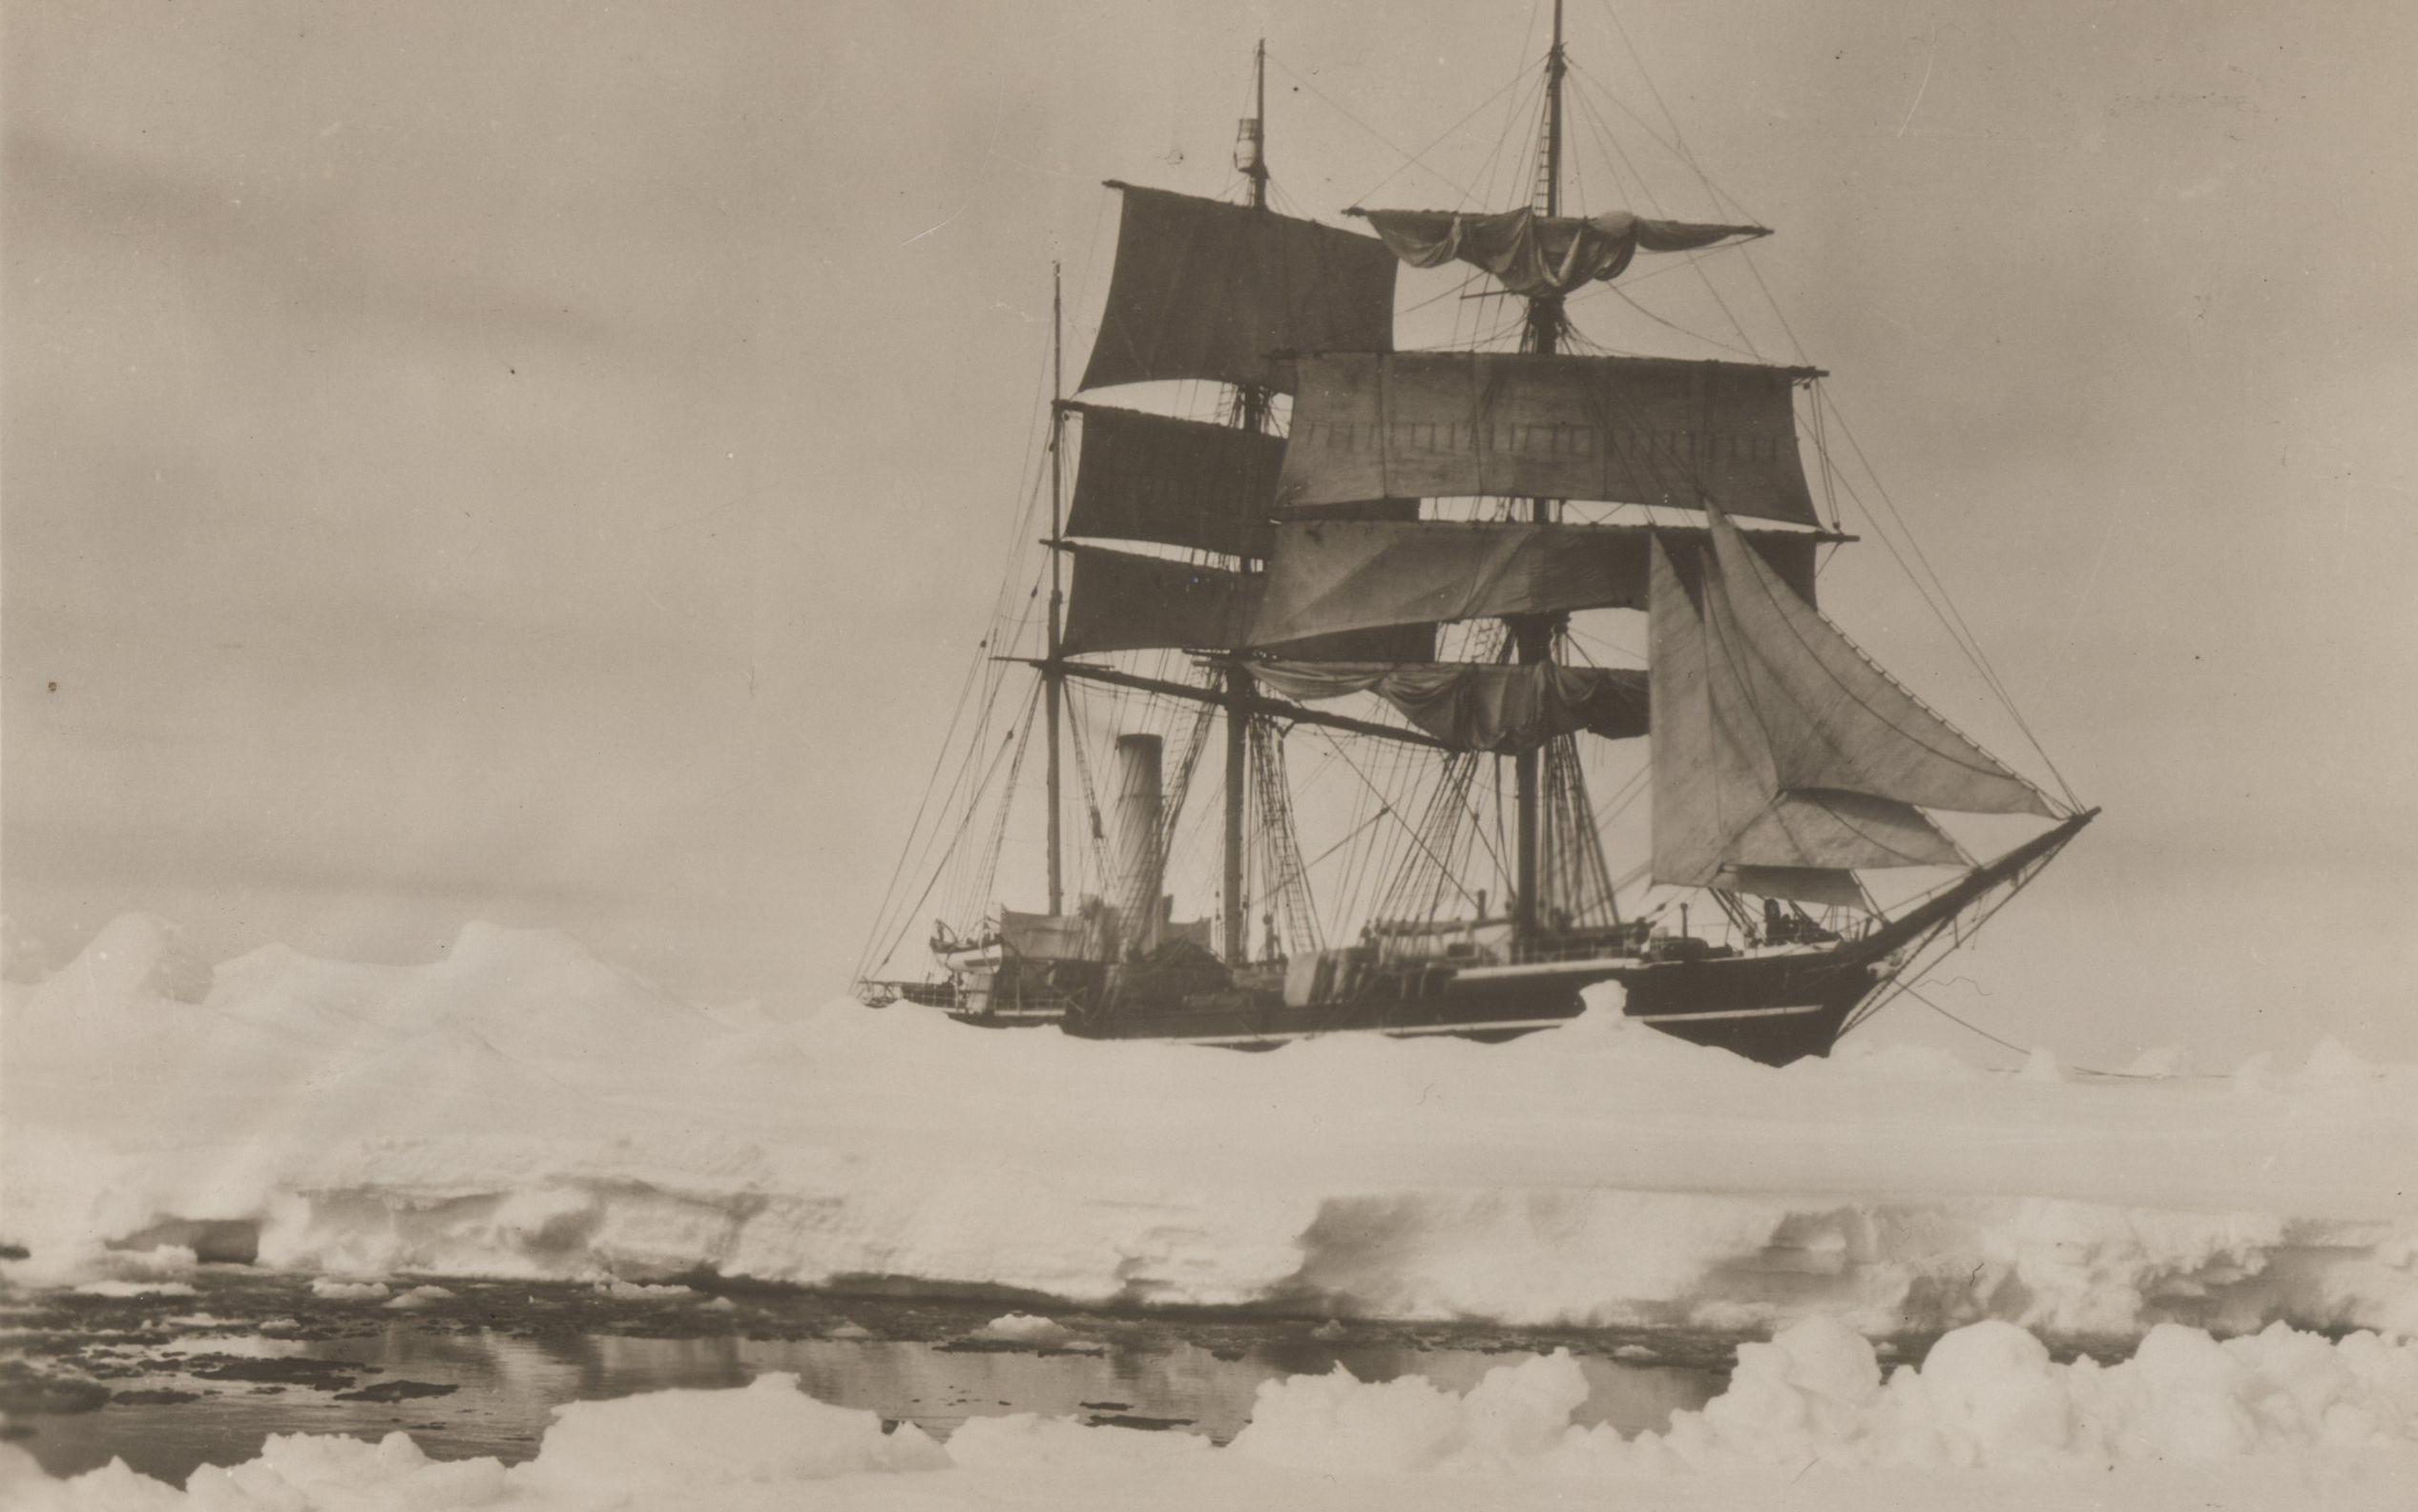 Robert Falcon Scott's Terra Nova.